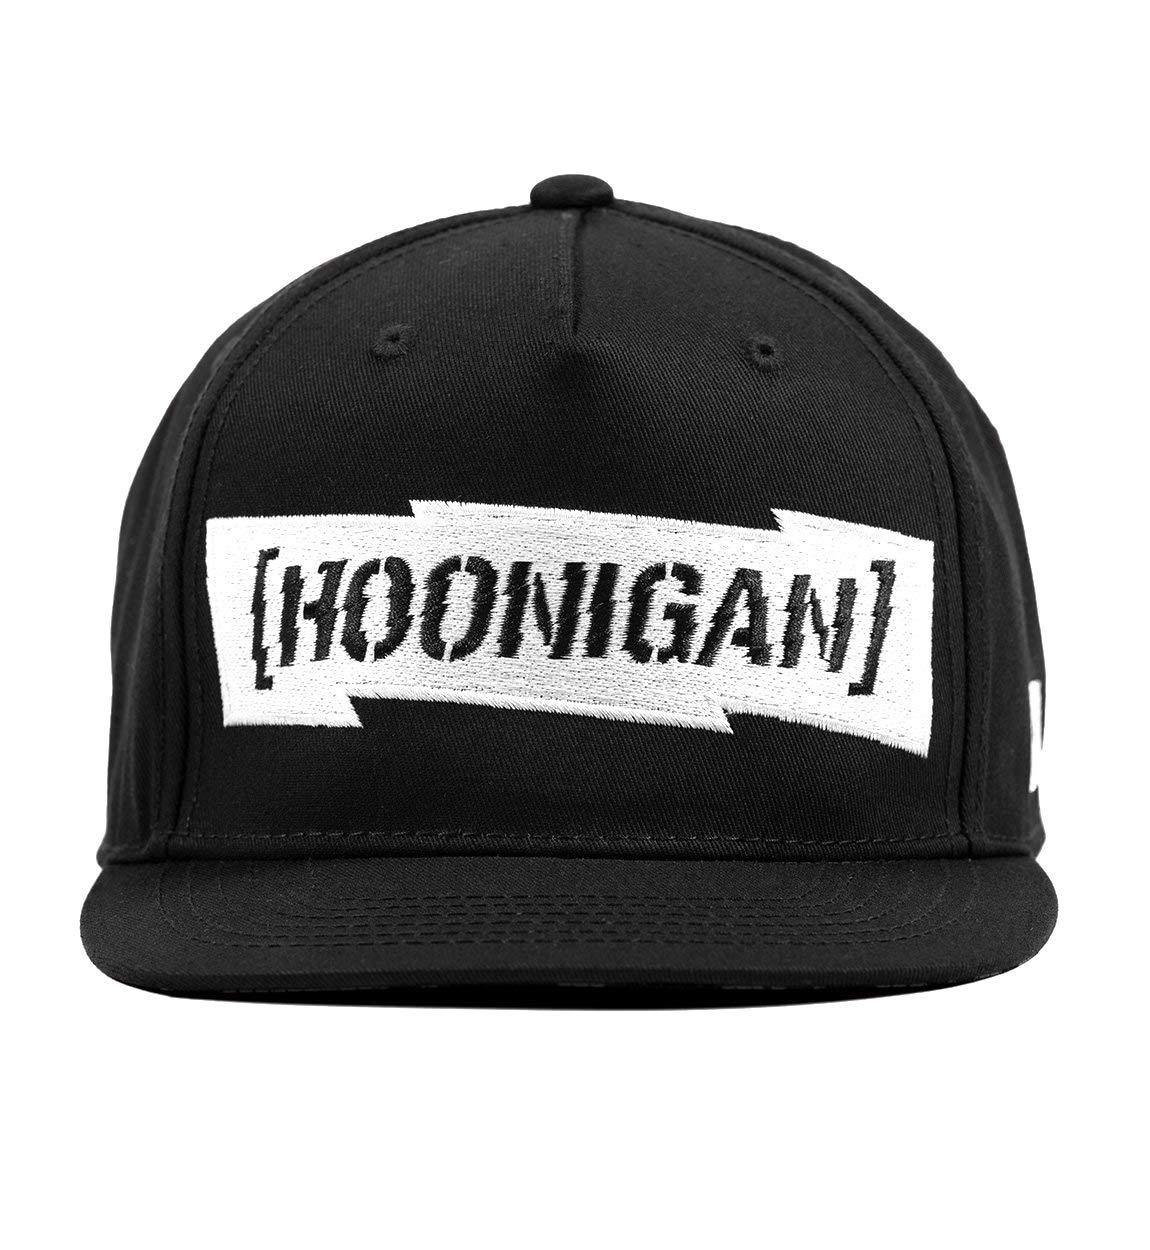 Hoonigan Gymkhana 10 CB Snapback hat